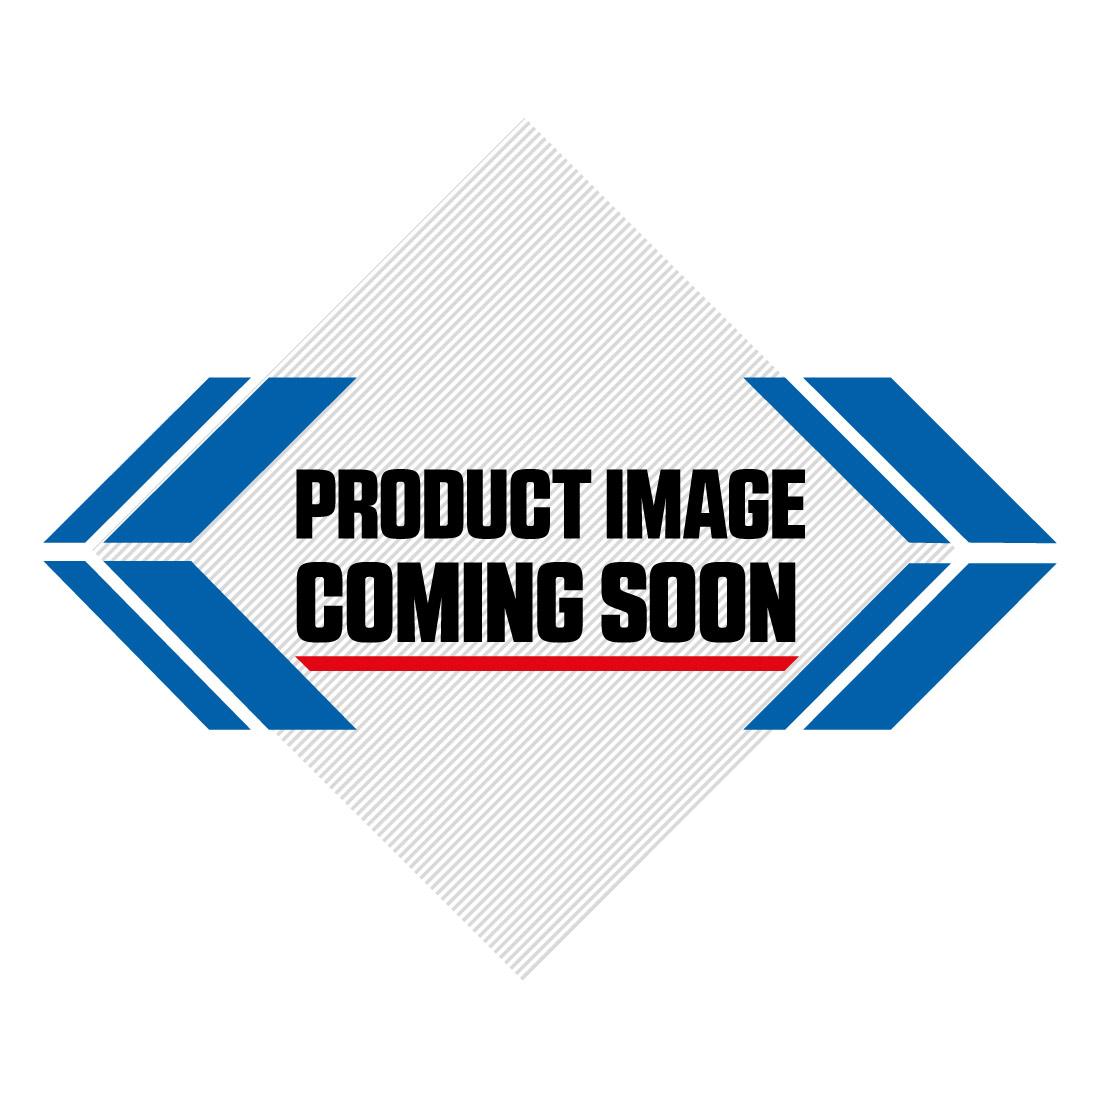 UFO Honda Plastic Kit CRF 110F (19-21) OEM Factory Image-5>